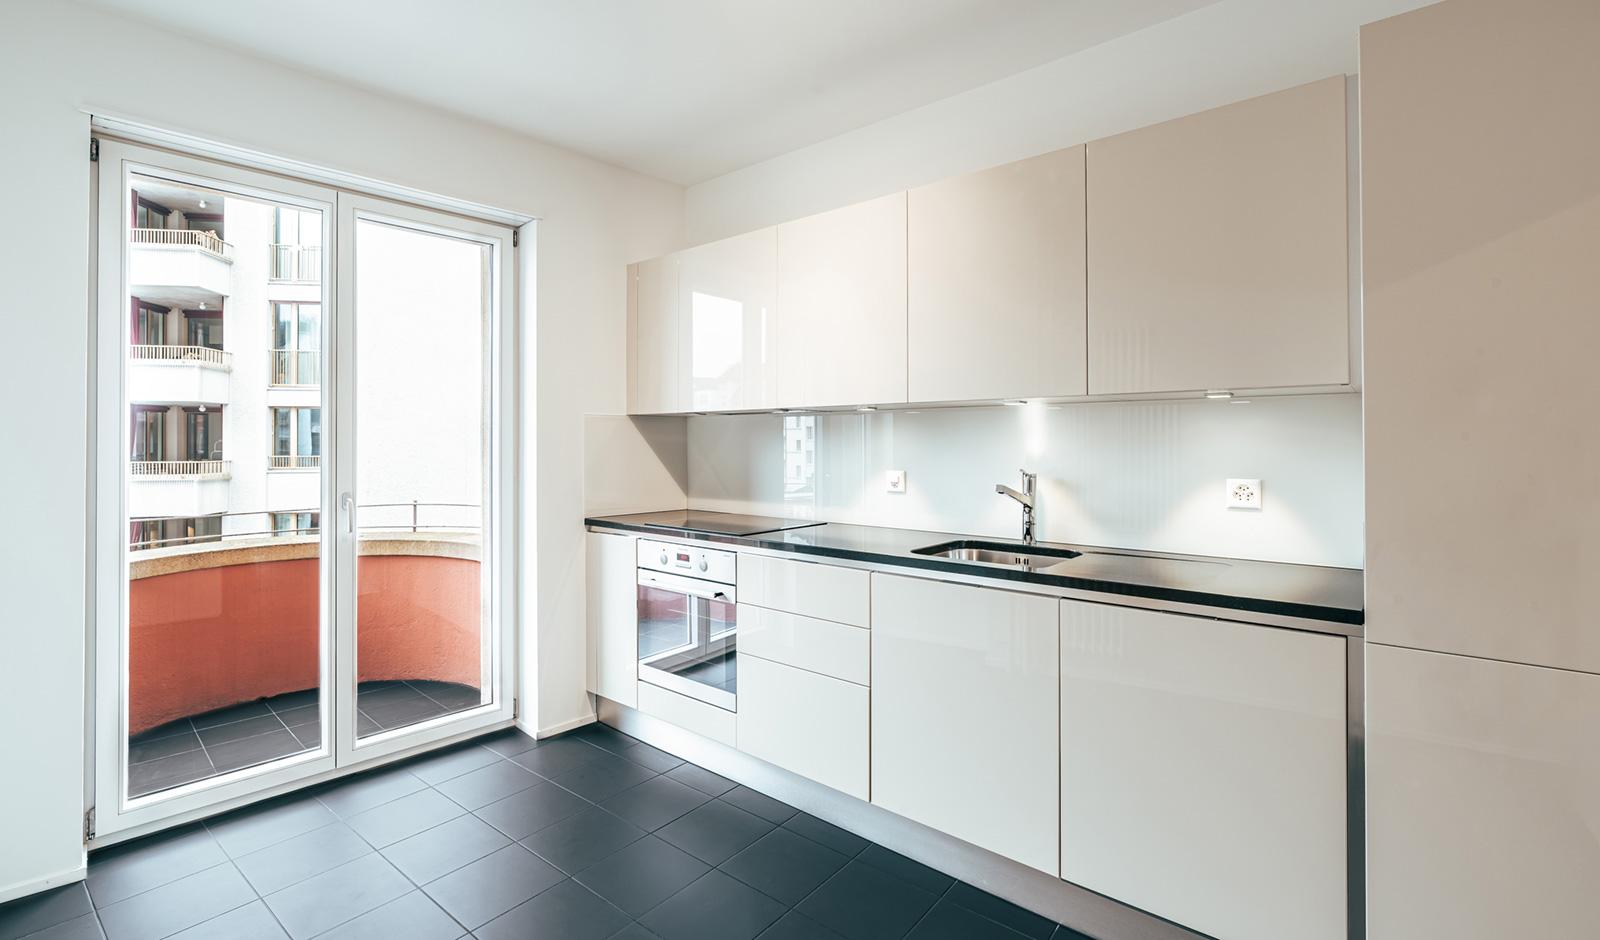 Geniessen Sie Luzern! Moderne Eigentumswohnung im Zentrum